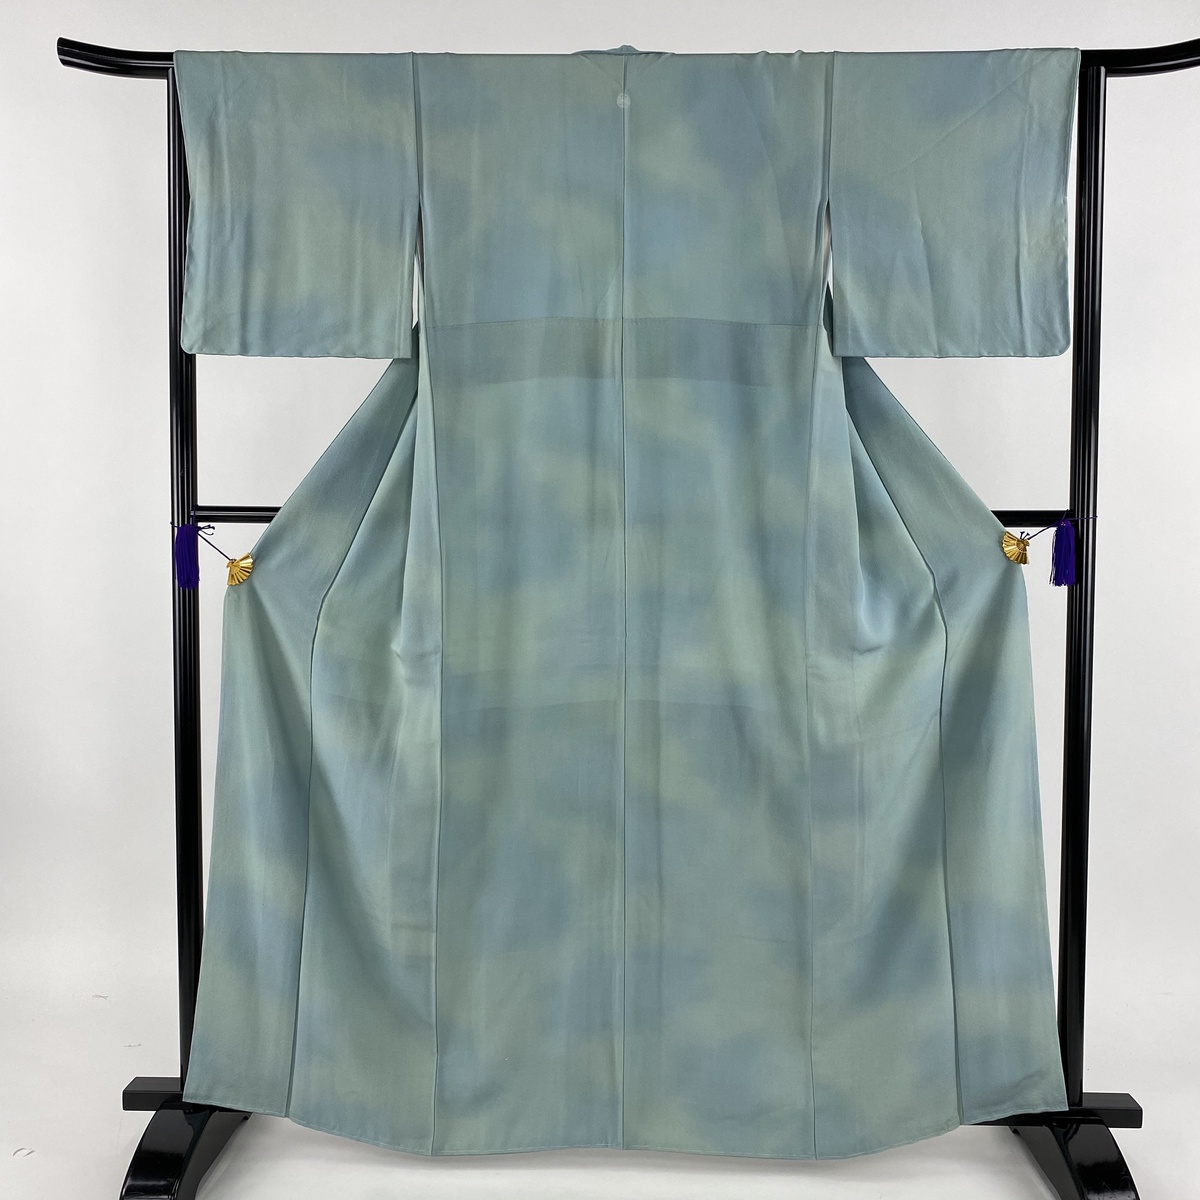 小紋 美品 秀品 一つ紋 ぼかし 薄緑 袷 身丈163.5cm 裄丈64.5cm M 正絹 【中古】